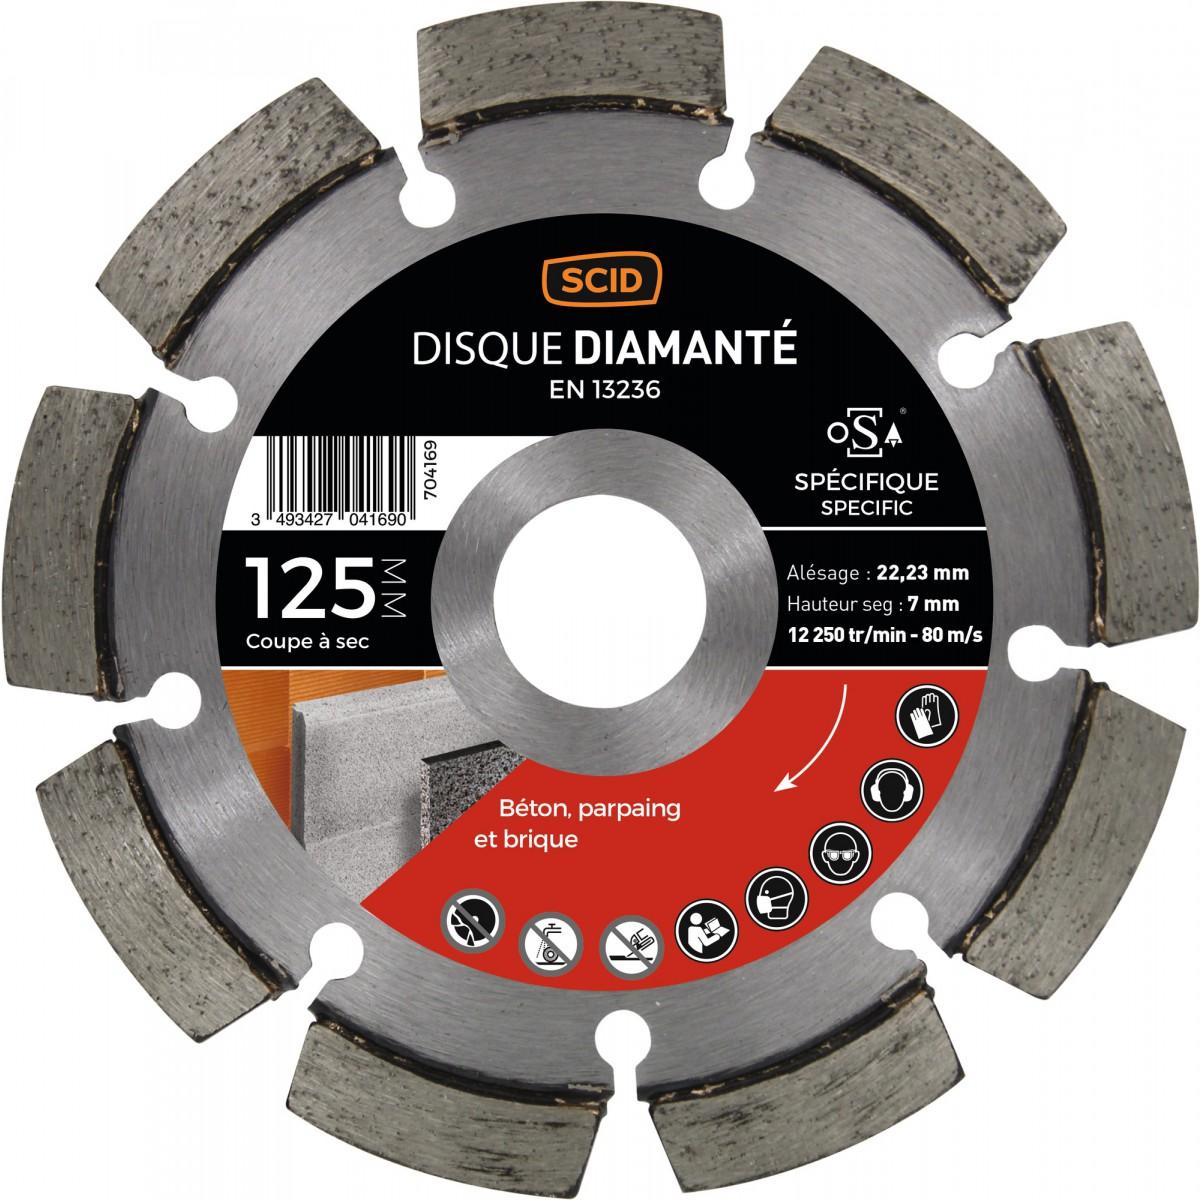 Disque diamanté à déjointoyer SCID - Diamètre 125 mm